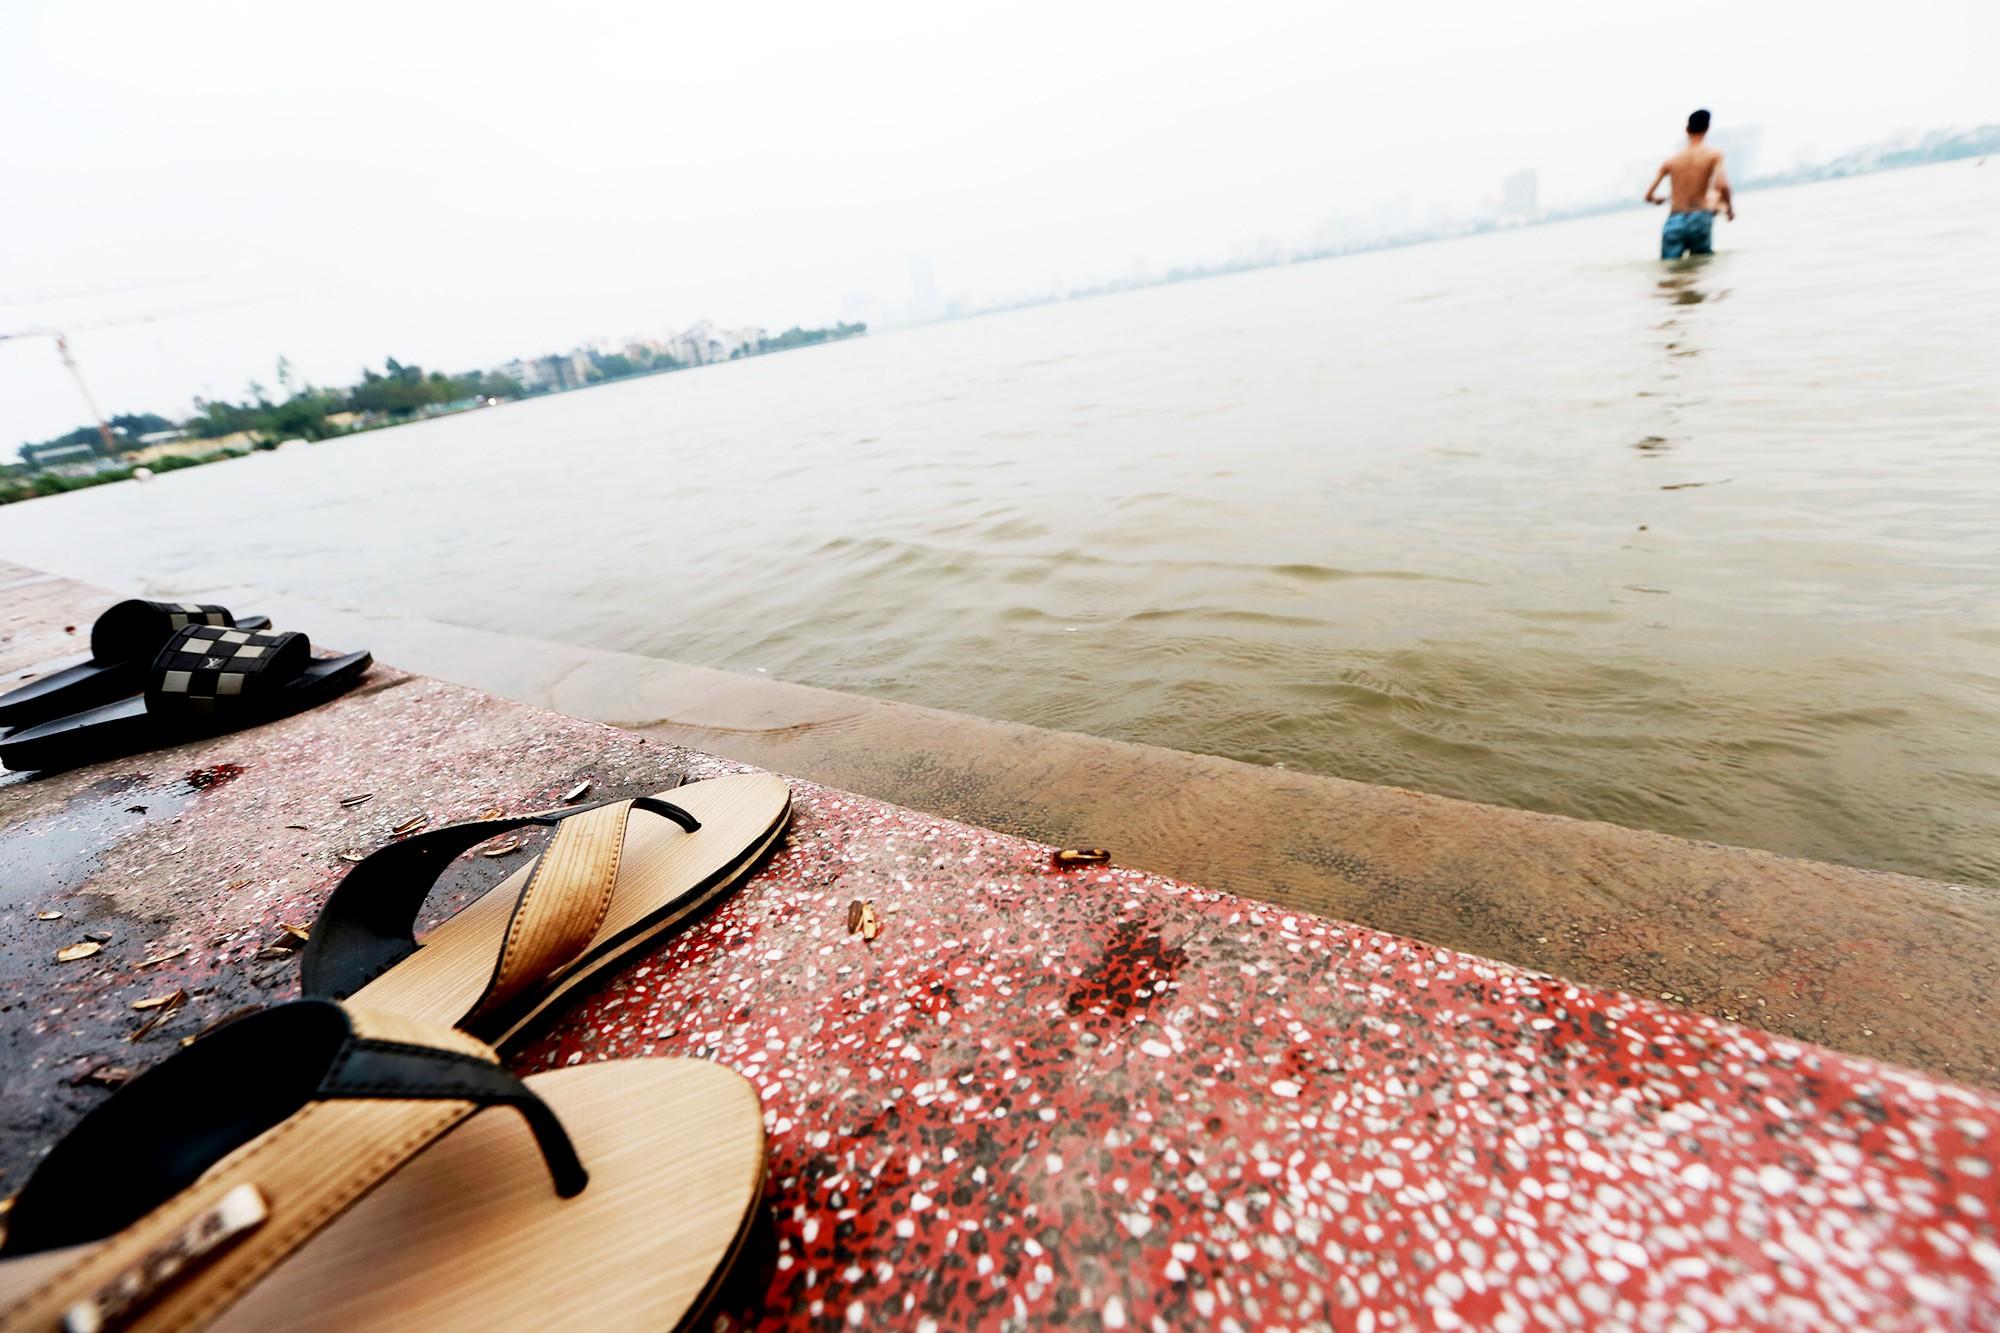 Hà Nội: Người lớn, trẻ nhỏ dắt nhau ra hồ Tây giải nhiệt ngày nắng nóng - Ảnh 6.